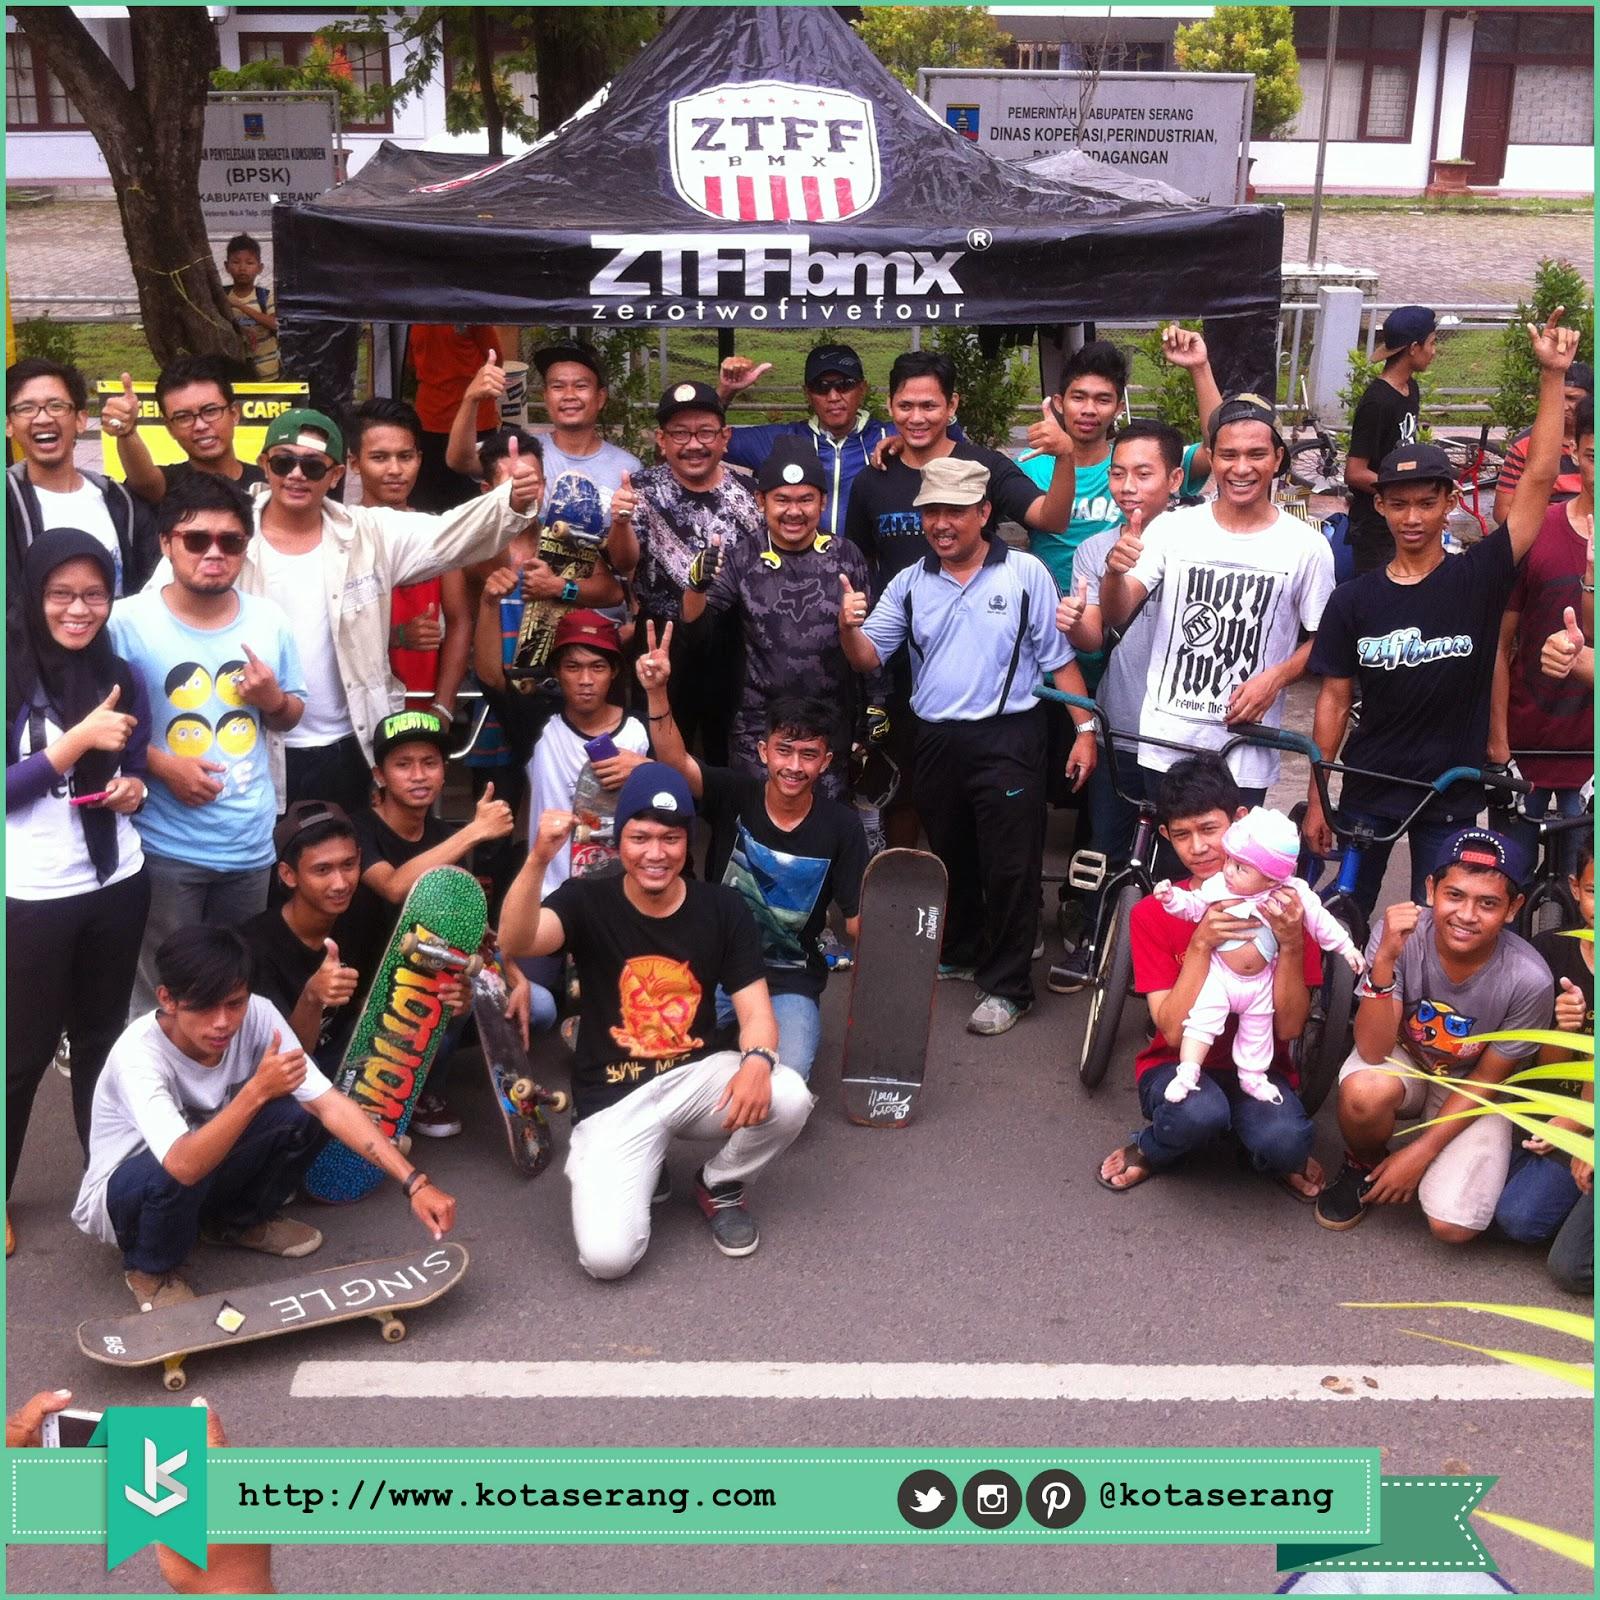 Walikota Serang Foto Bareng dengan Komunitas BMX, Komunitas Skateboard dan Komunitas Akustik